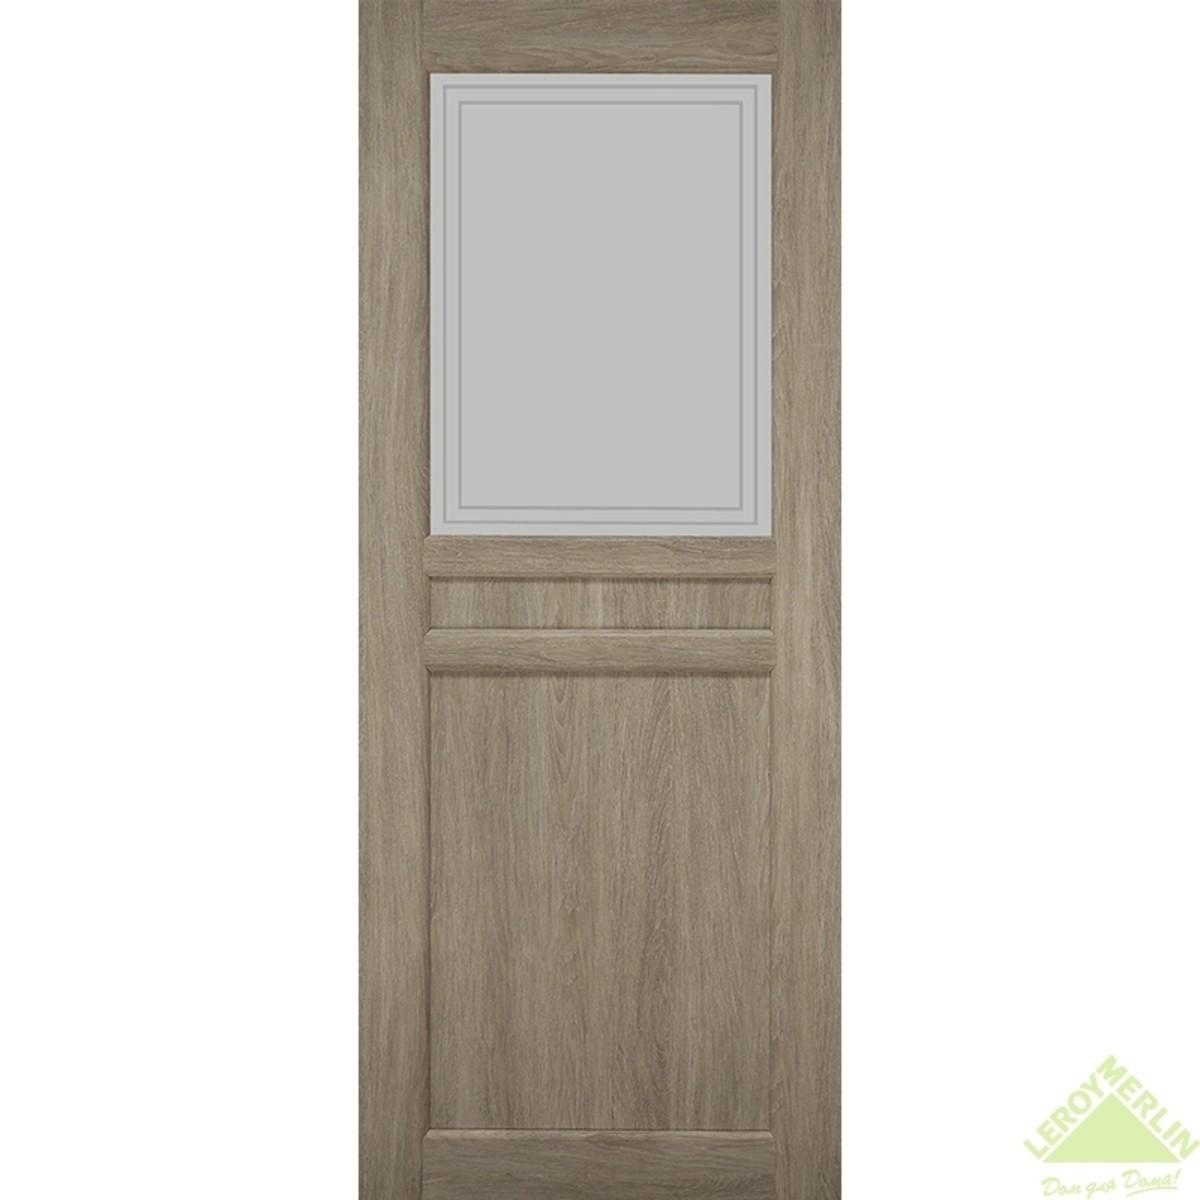 Дверное полотно остеклённое Элегия CPL 900x2000 мм ясень седой